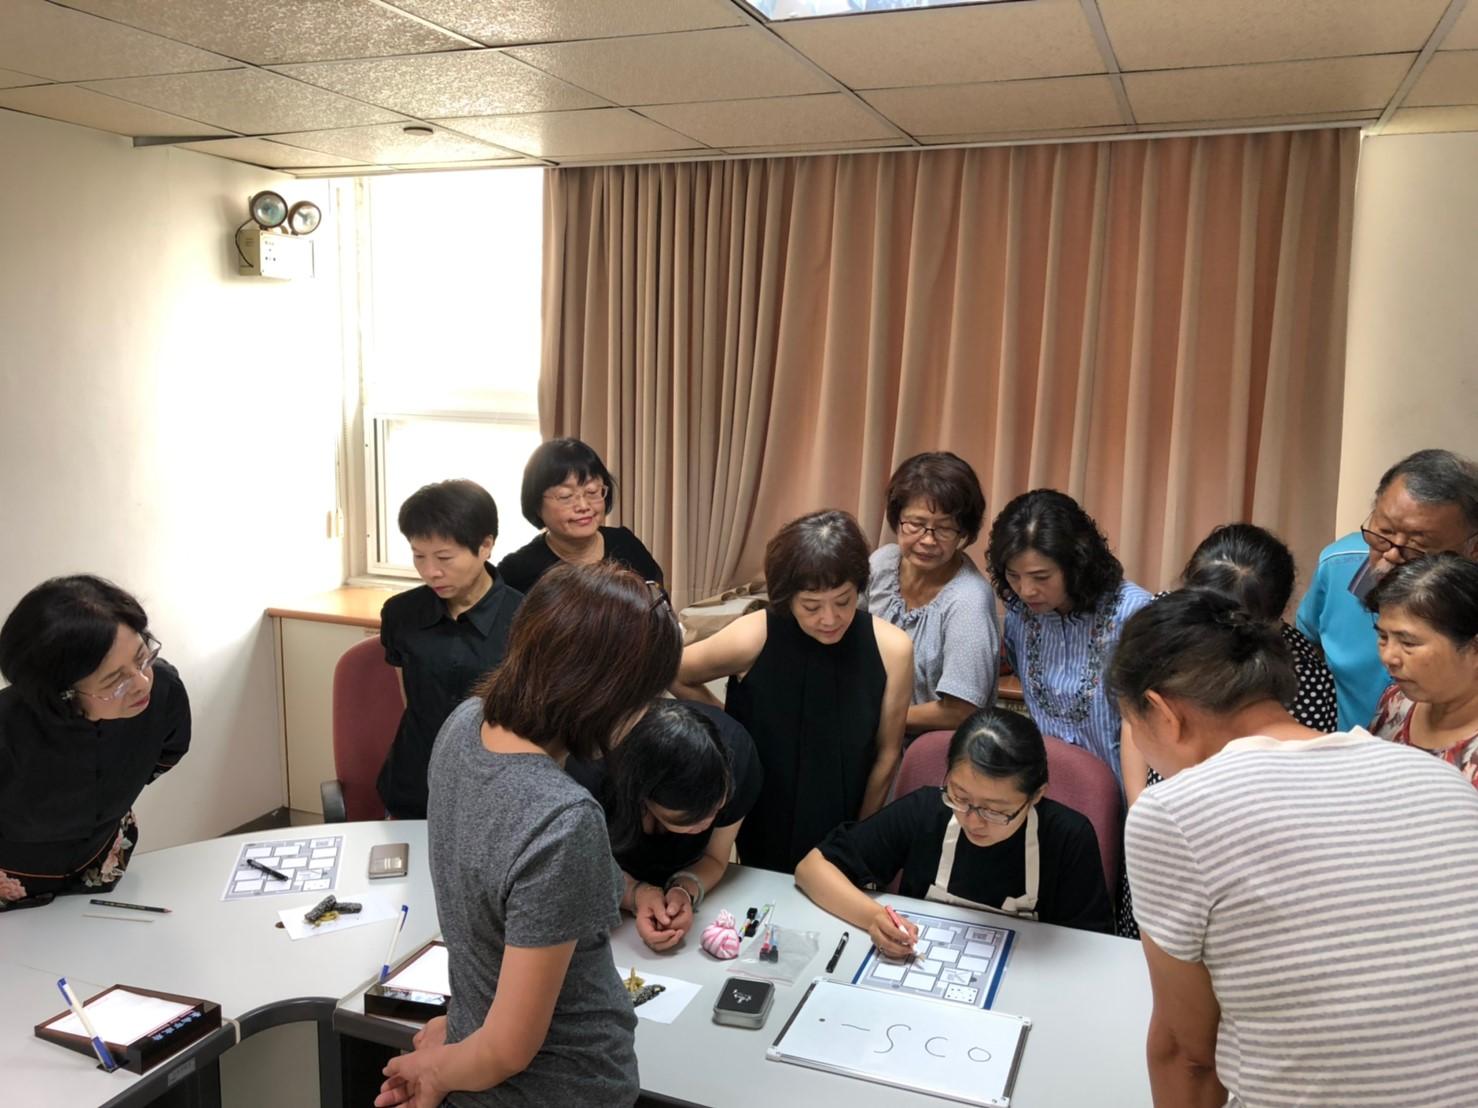 禪繞畫老師正認真的教導家防中心志工伙伴們如何畫出細緻的作品